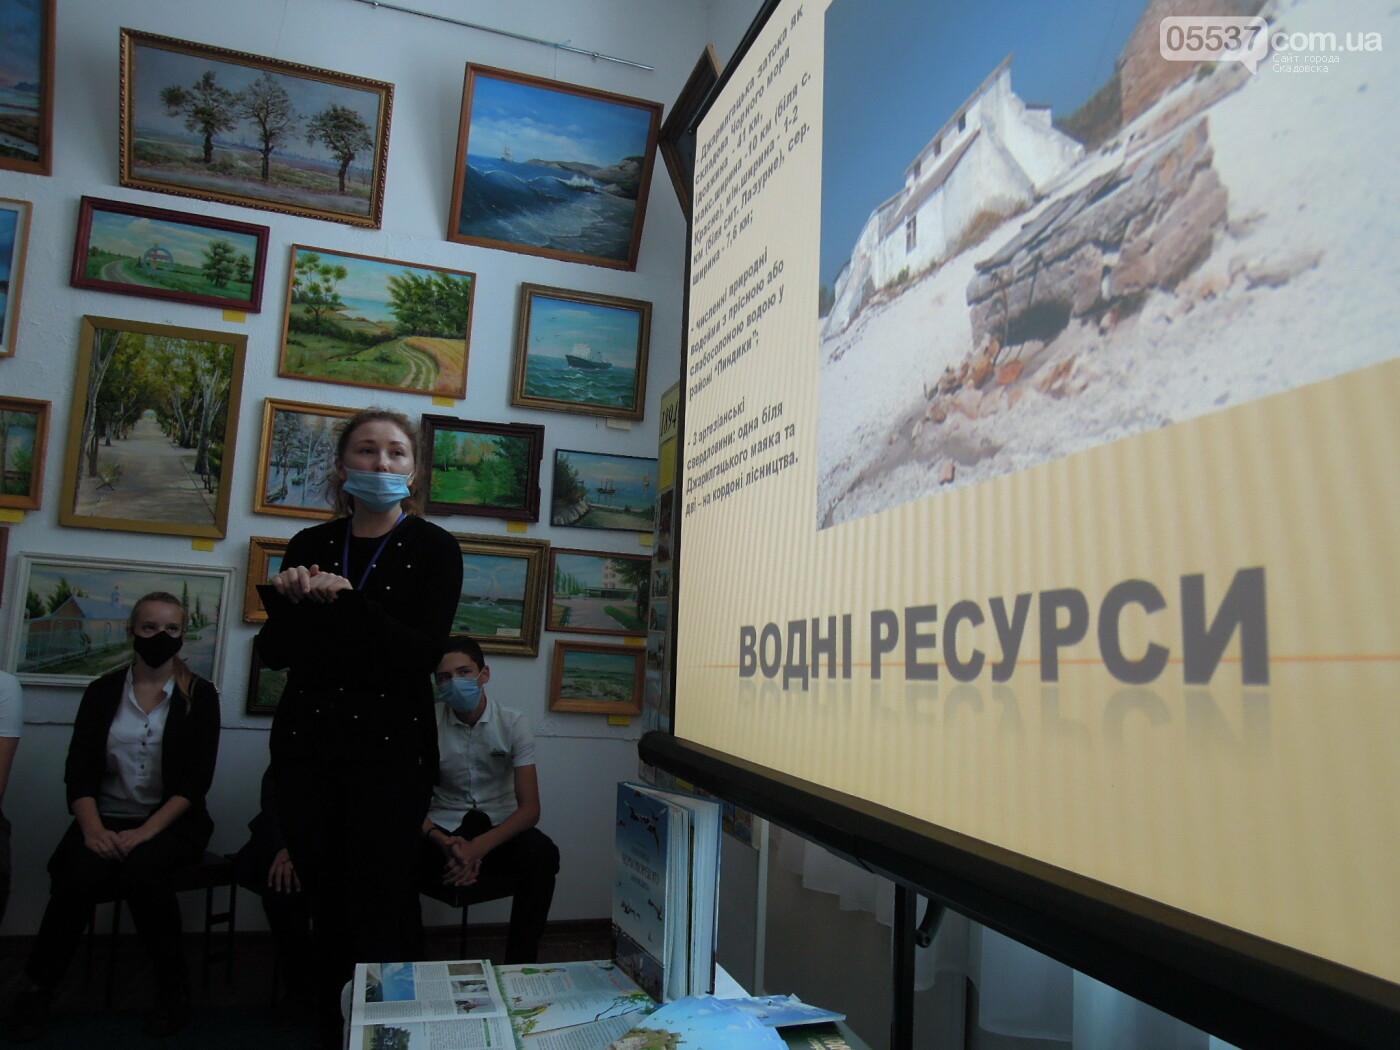 Ученикам скадовской школы рассказали про Джарылгач, фото-3